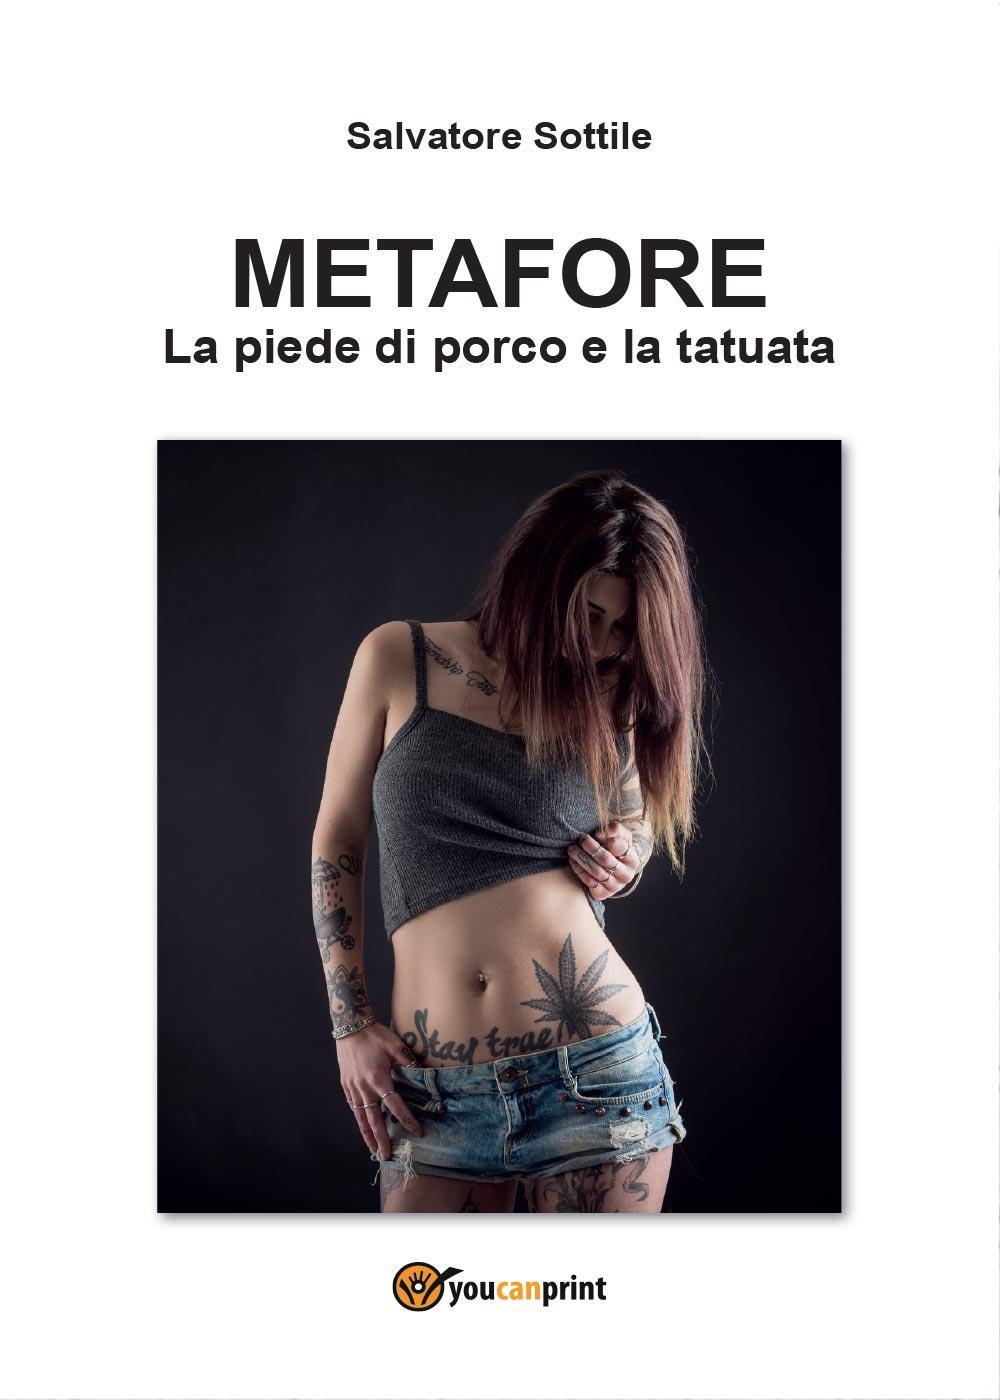 Metafore – La piede di porco e la tatuata